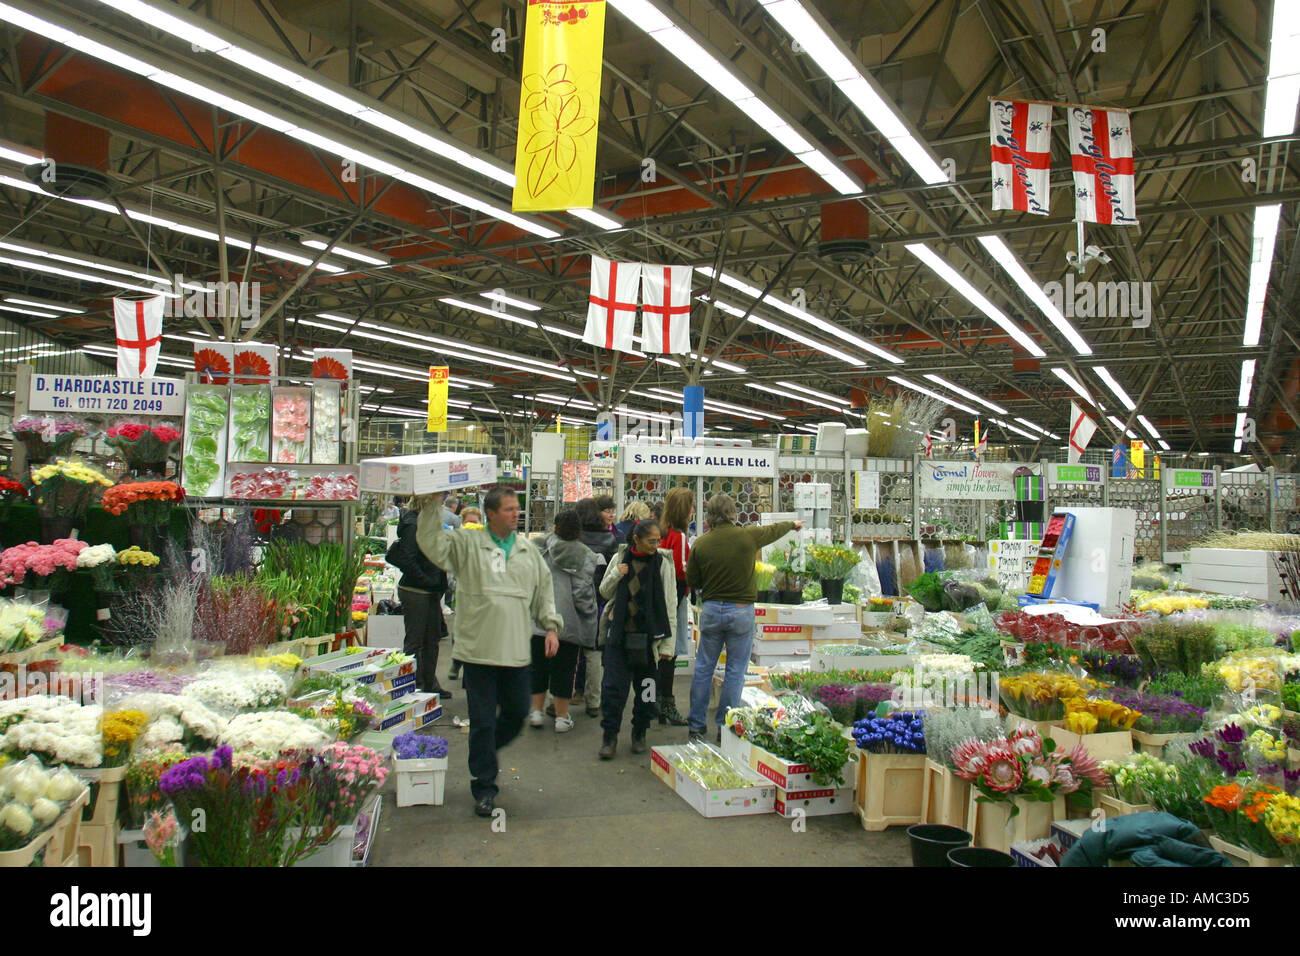 new covent garden flower market london stock photo: 1360852